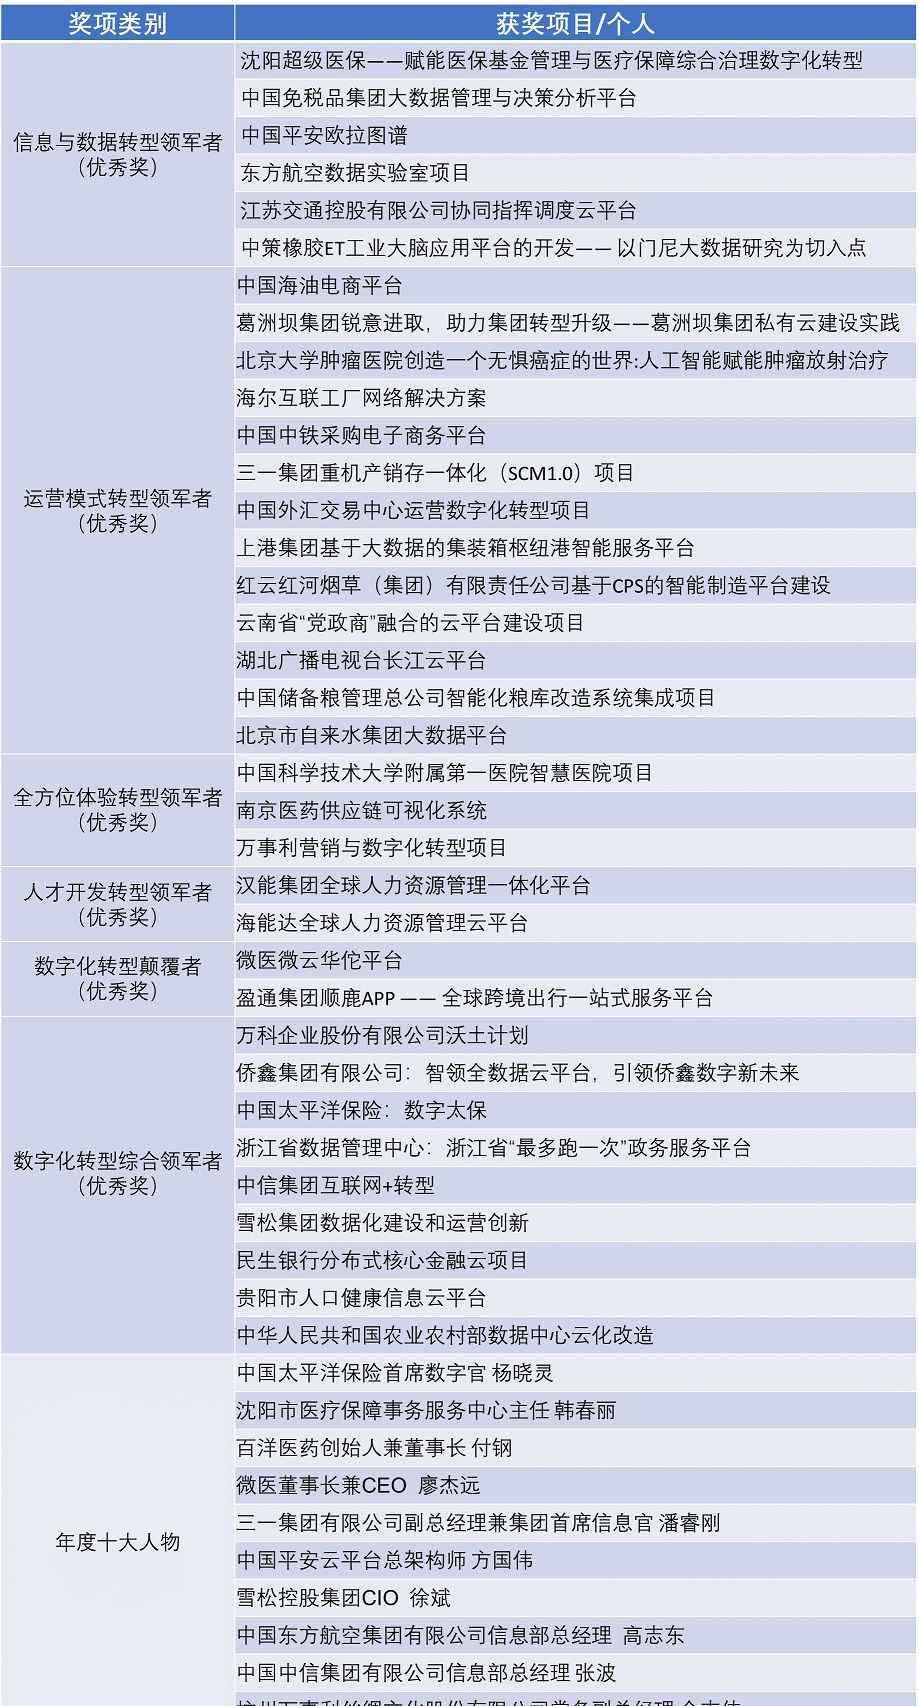 国内知名idc 2018年IDC中国数字化转型评选榜单——优秀奖/年度十大人物